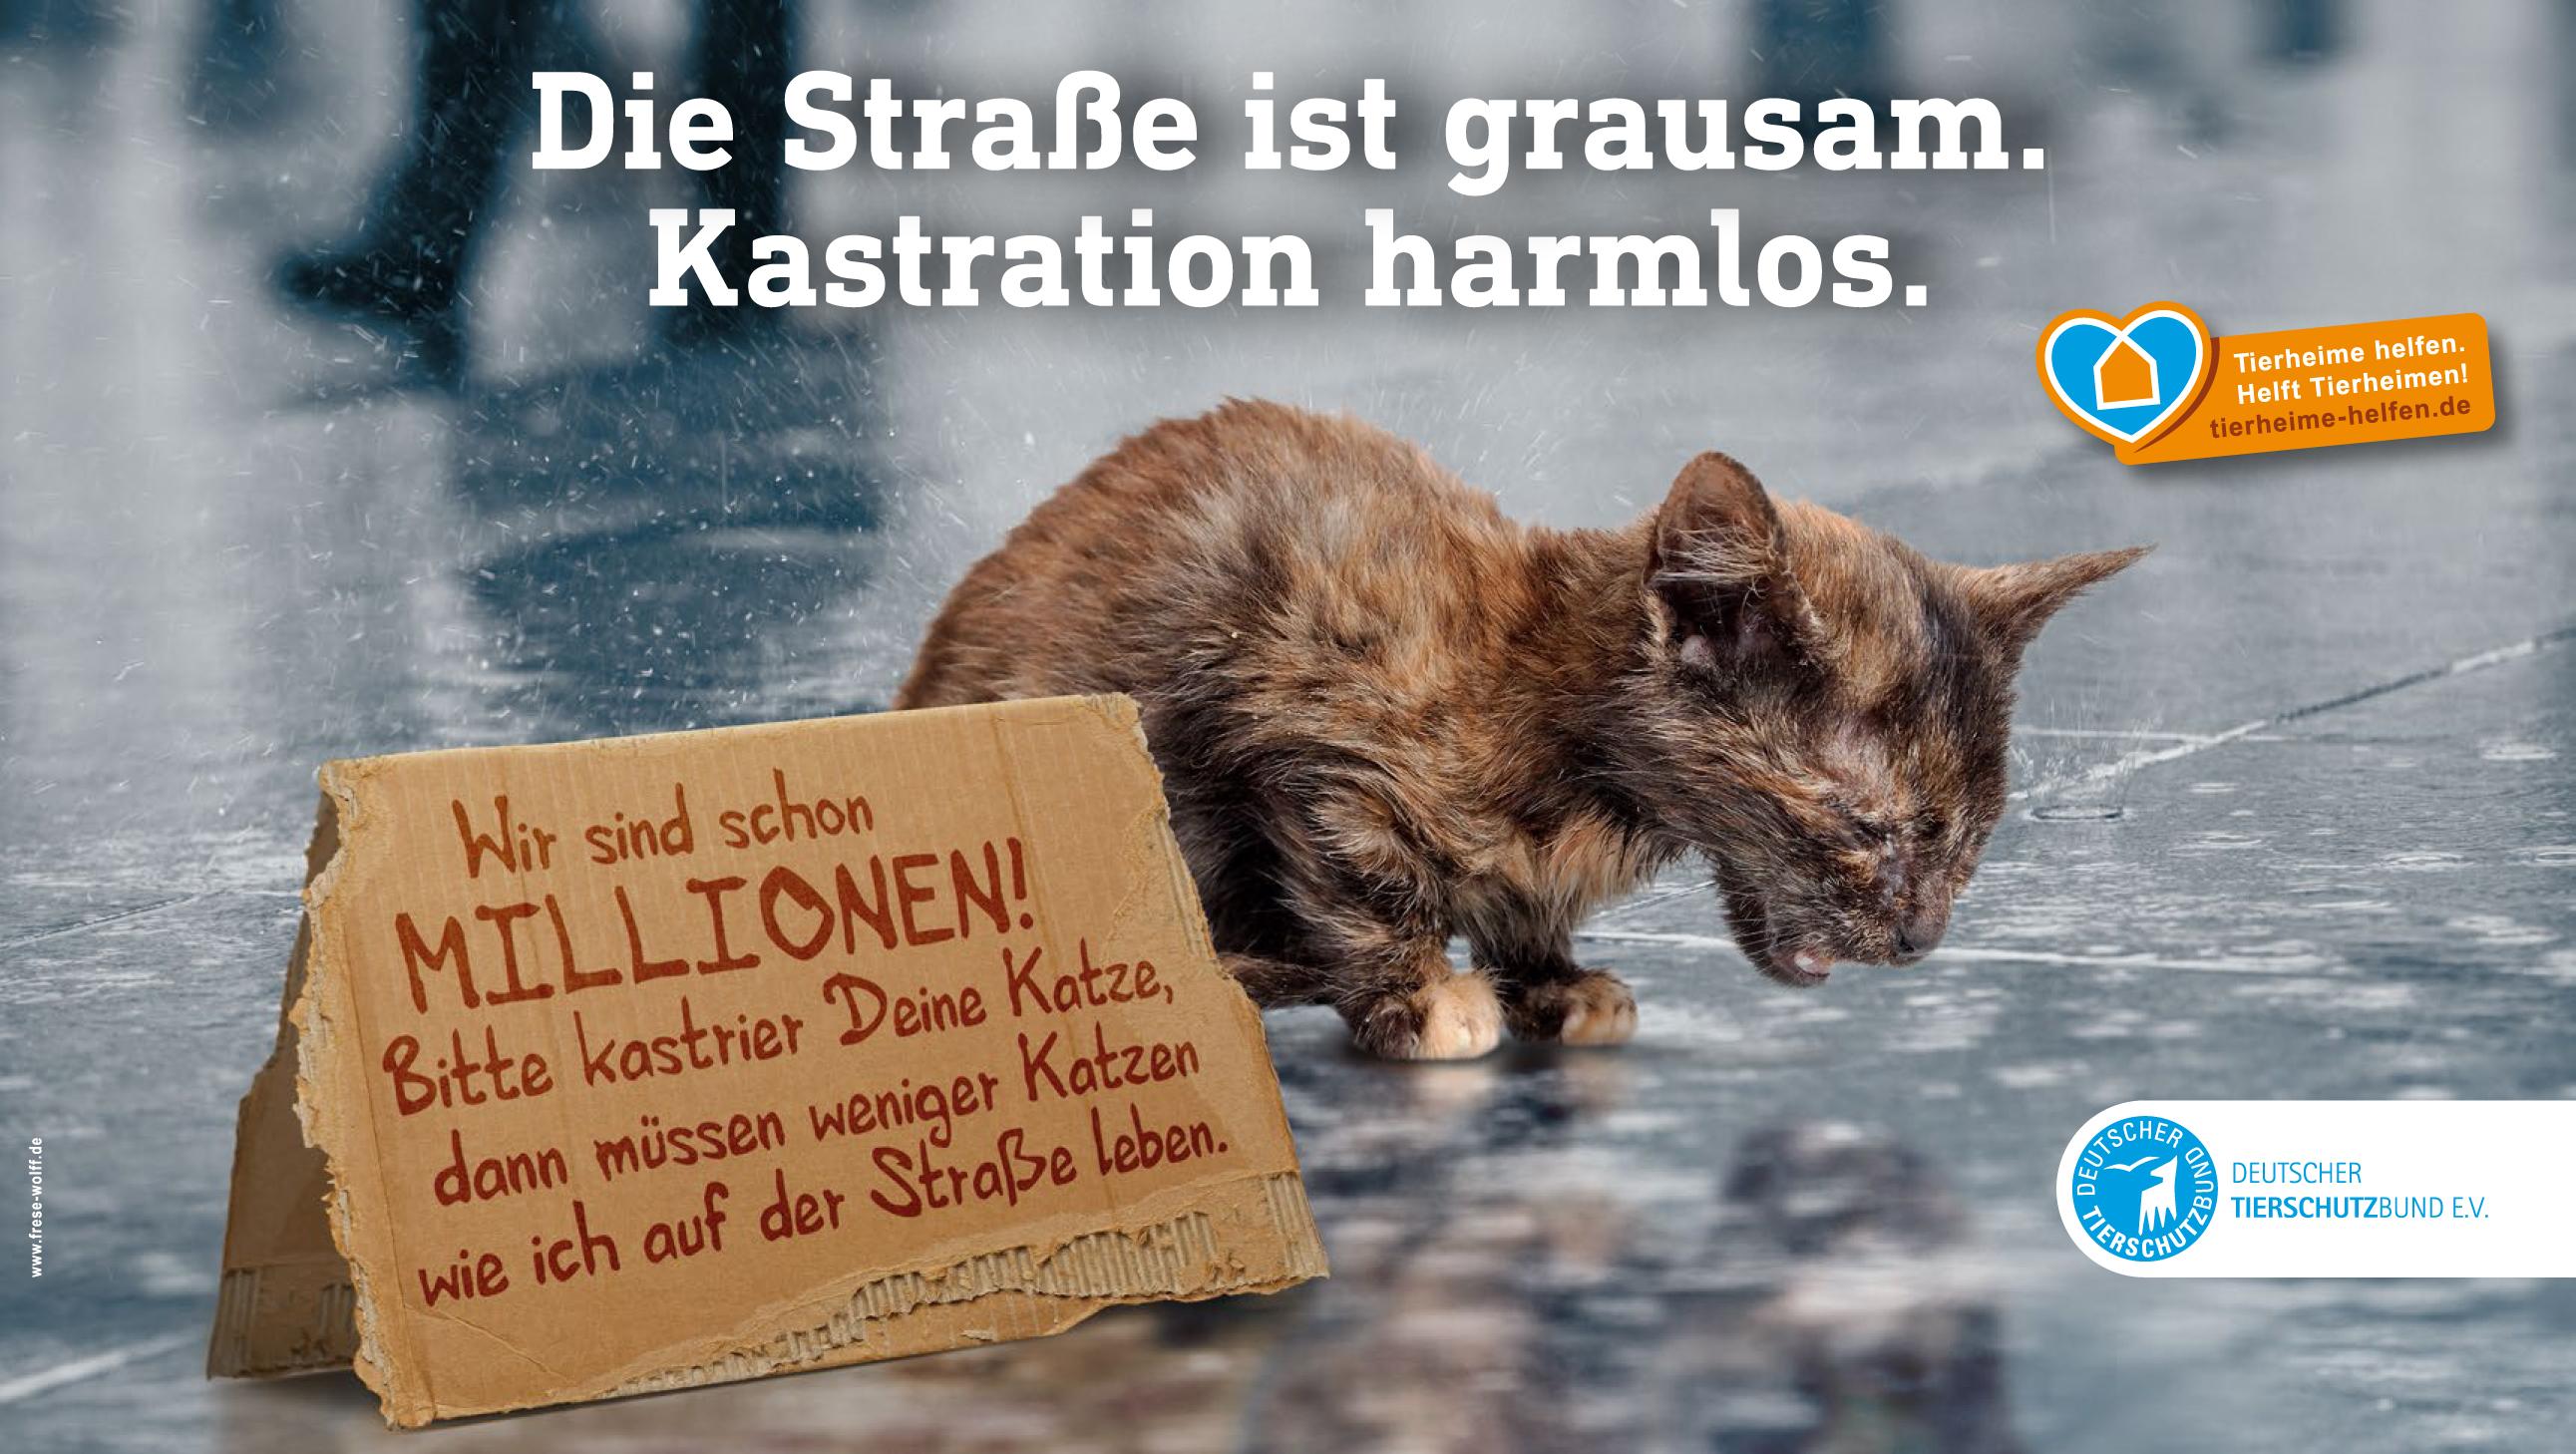 Motiv der Katzenschutz-Kampagne: Die Straße ist grausam. Kastration harmlos.